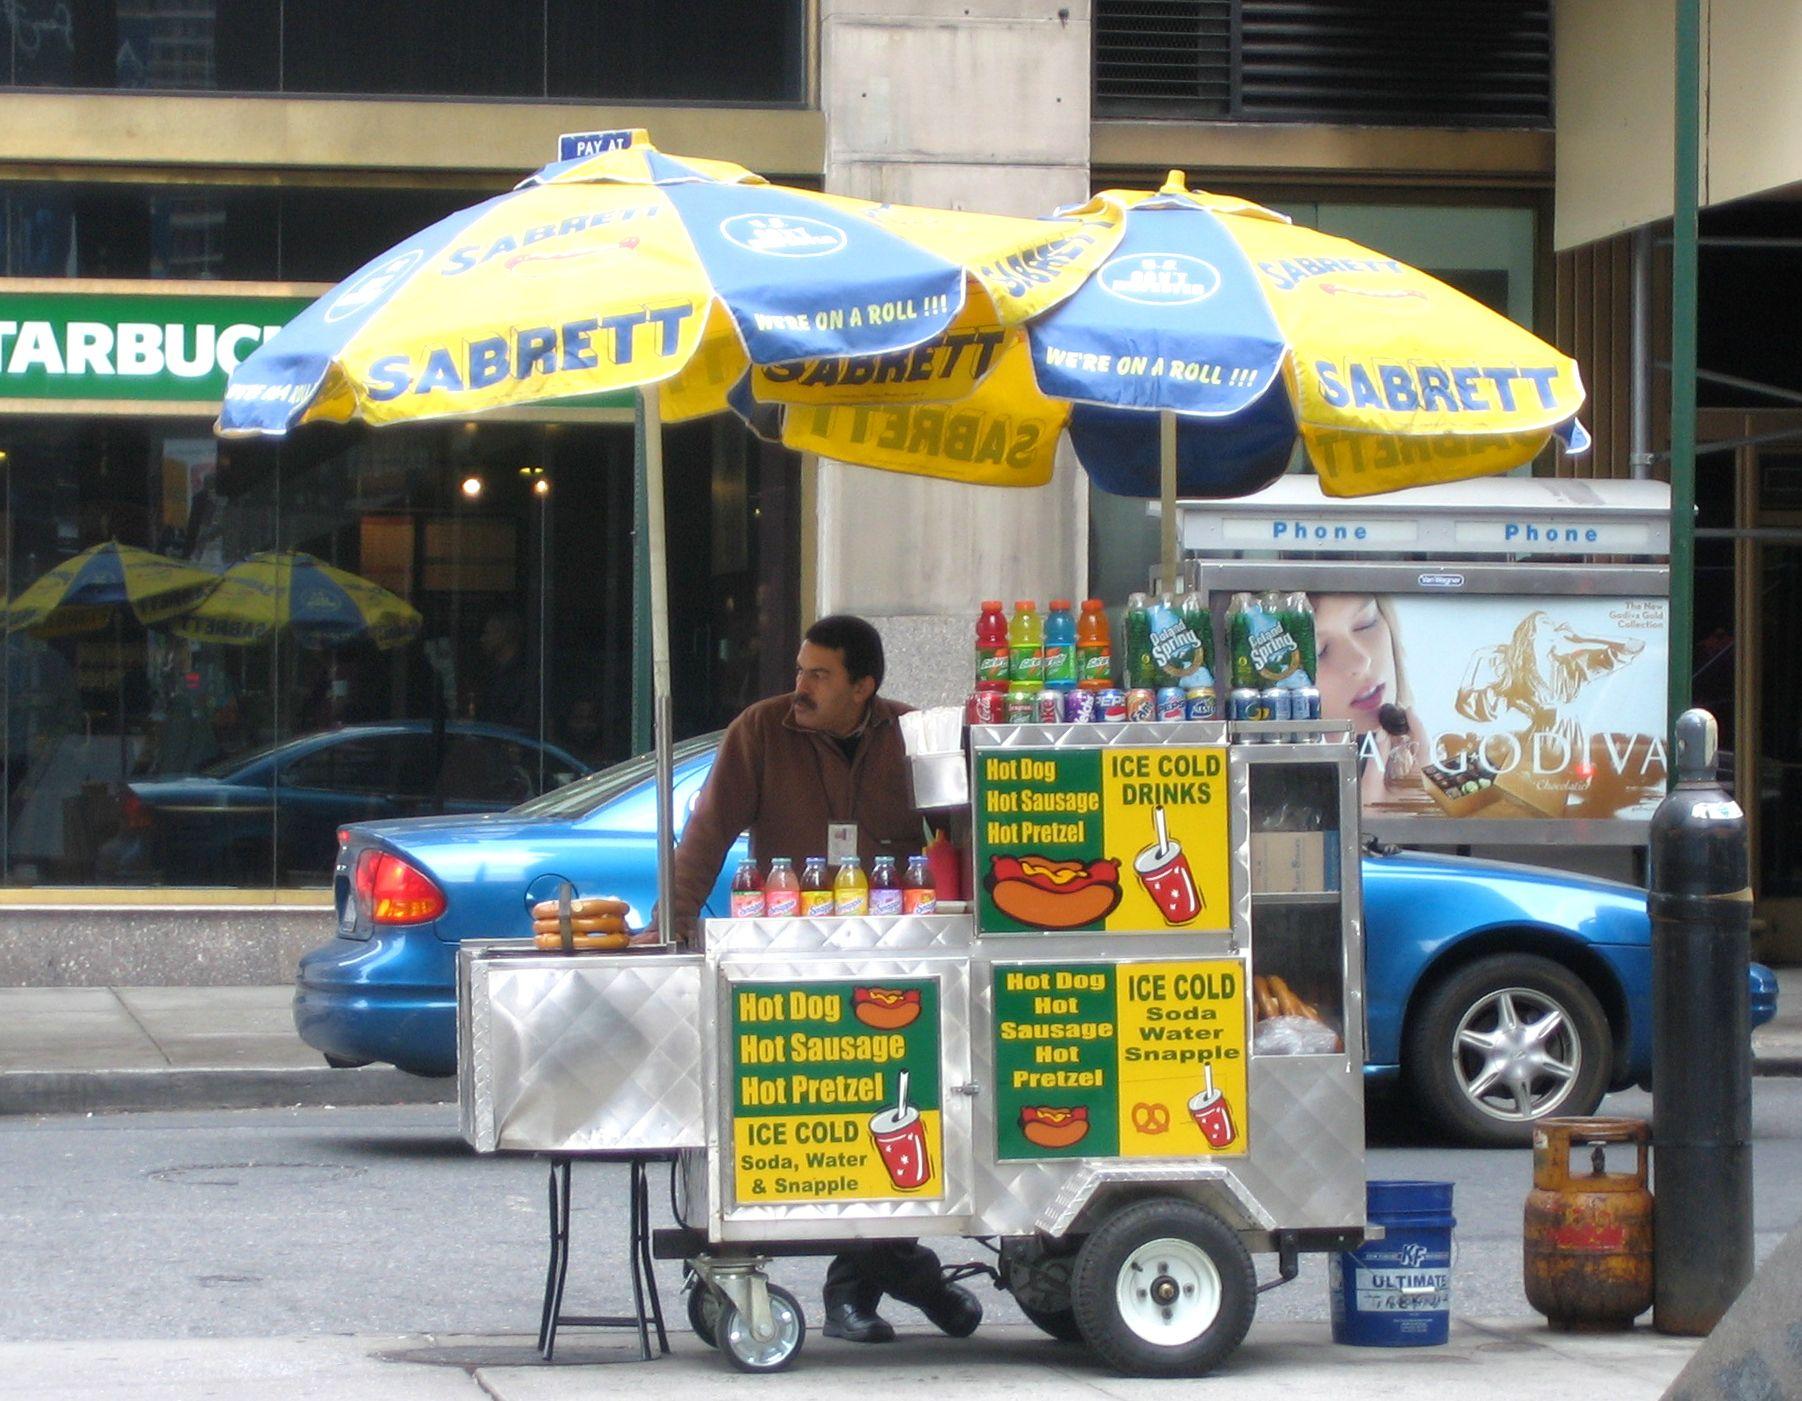 Sabrett Hot Dogs Philadelphia